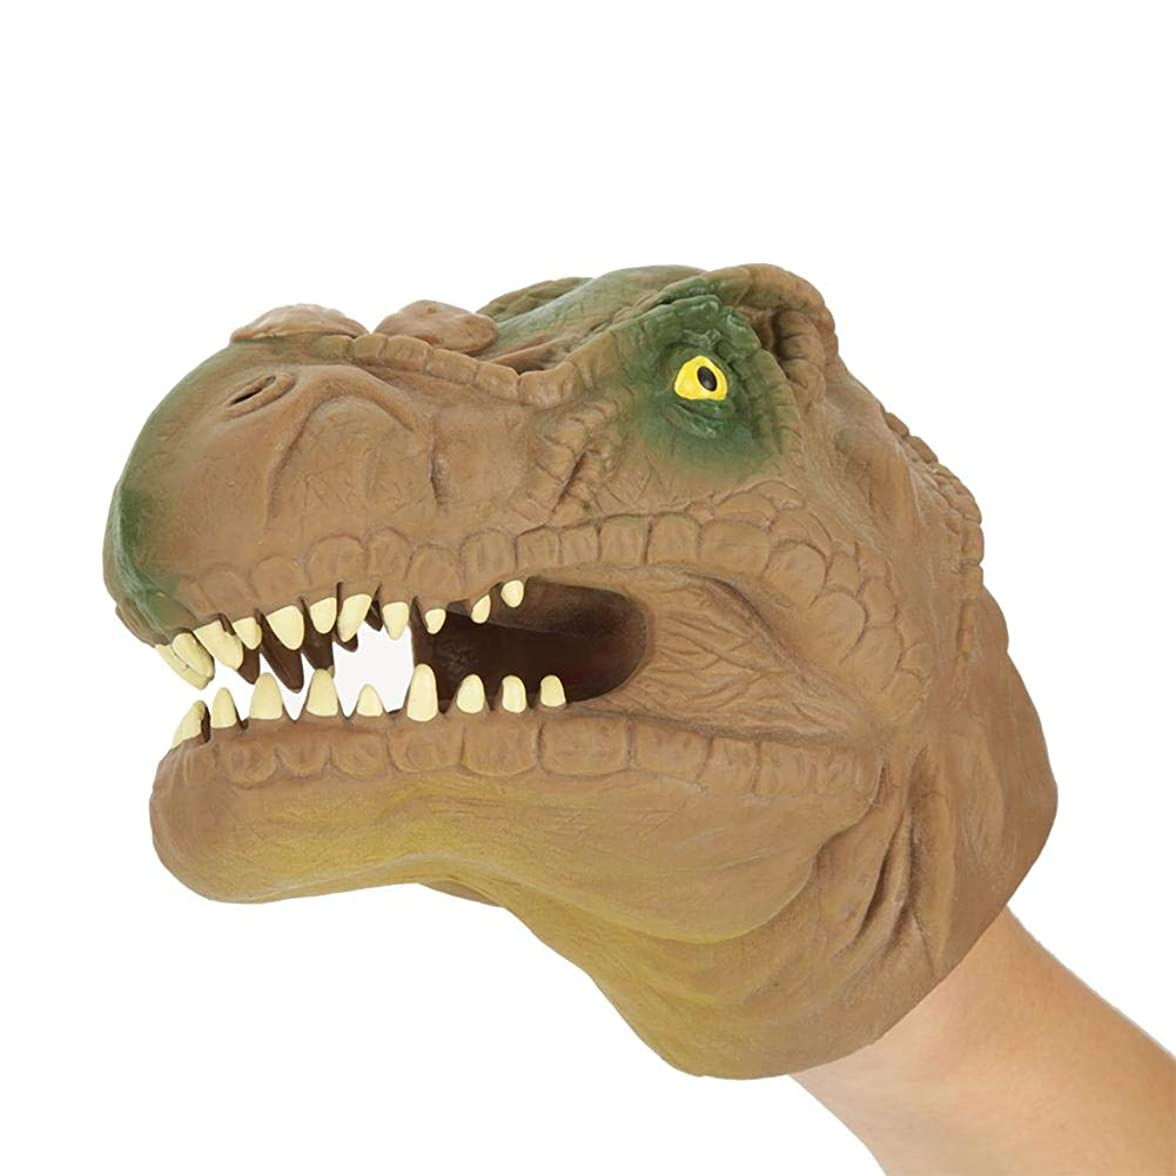 ウォーターフロント場所強大な恐竜 ハンドパペット ティラノサウルス 動物 手踊り ごっこ遊び 人形劇 知育玩具 小道具 アニマル いたずら おもちゃ 手袋(ブラウン)